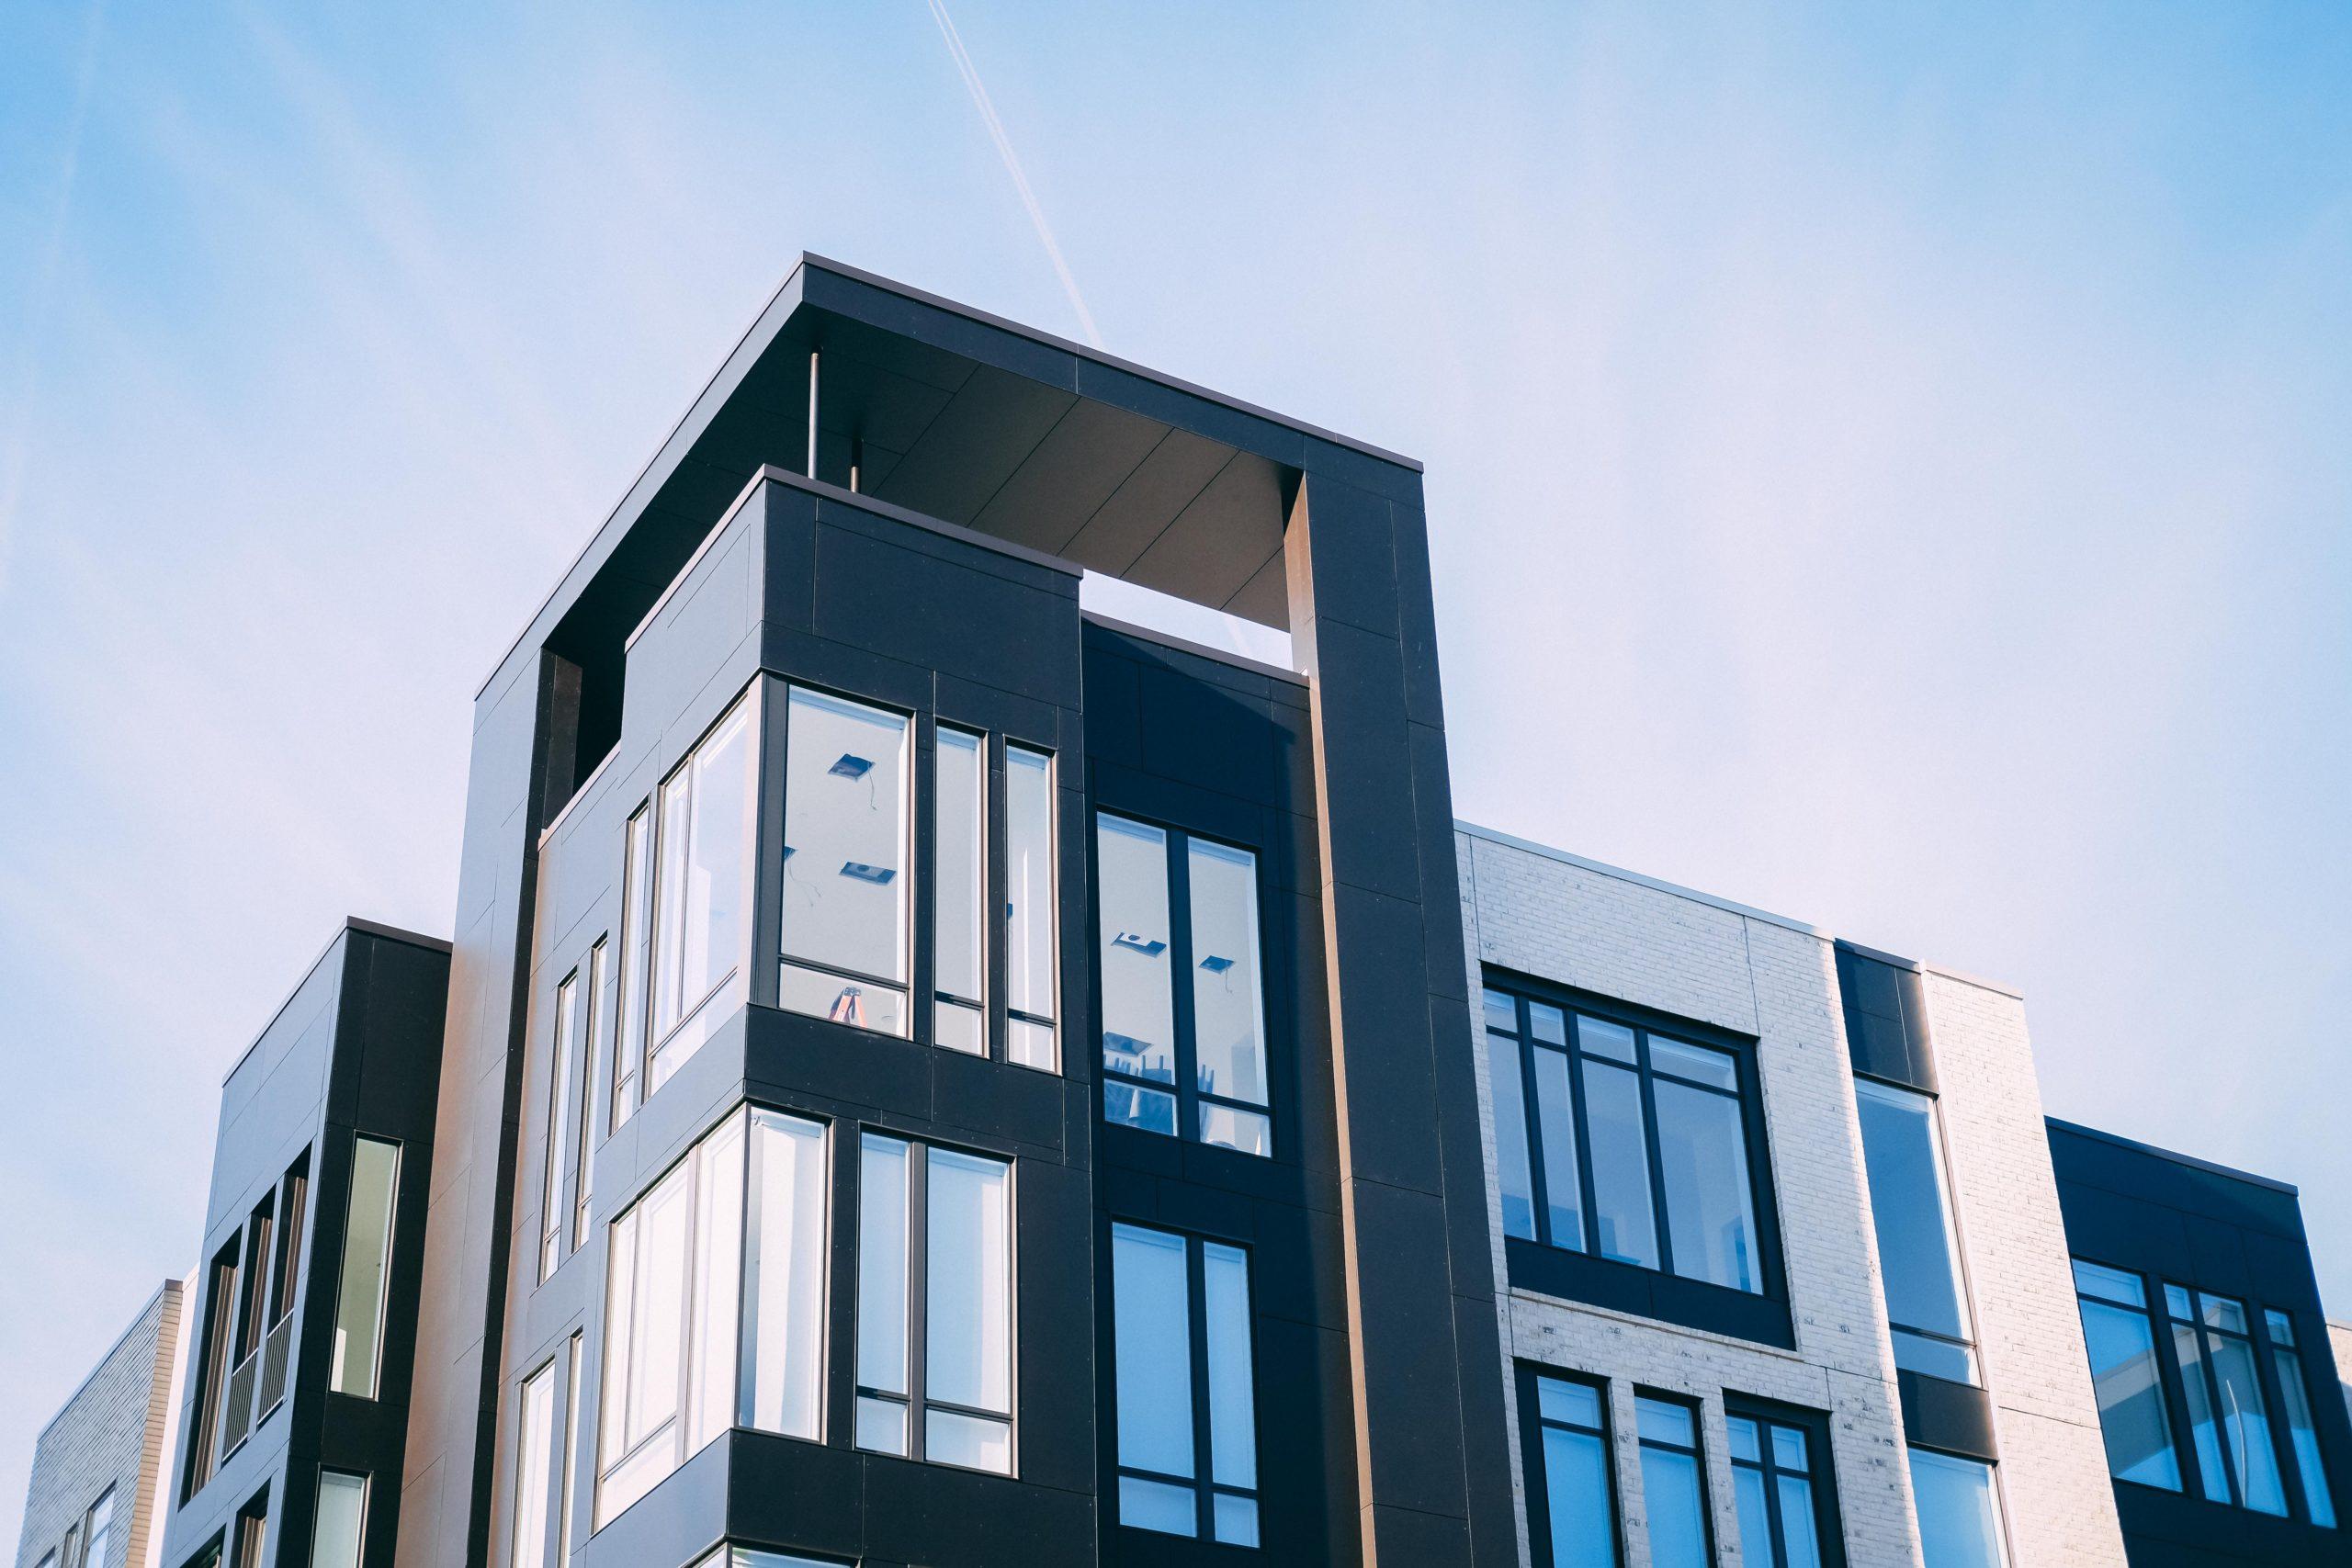 住宅営業がきつい理由は価値観の変化